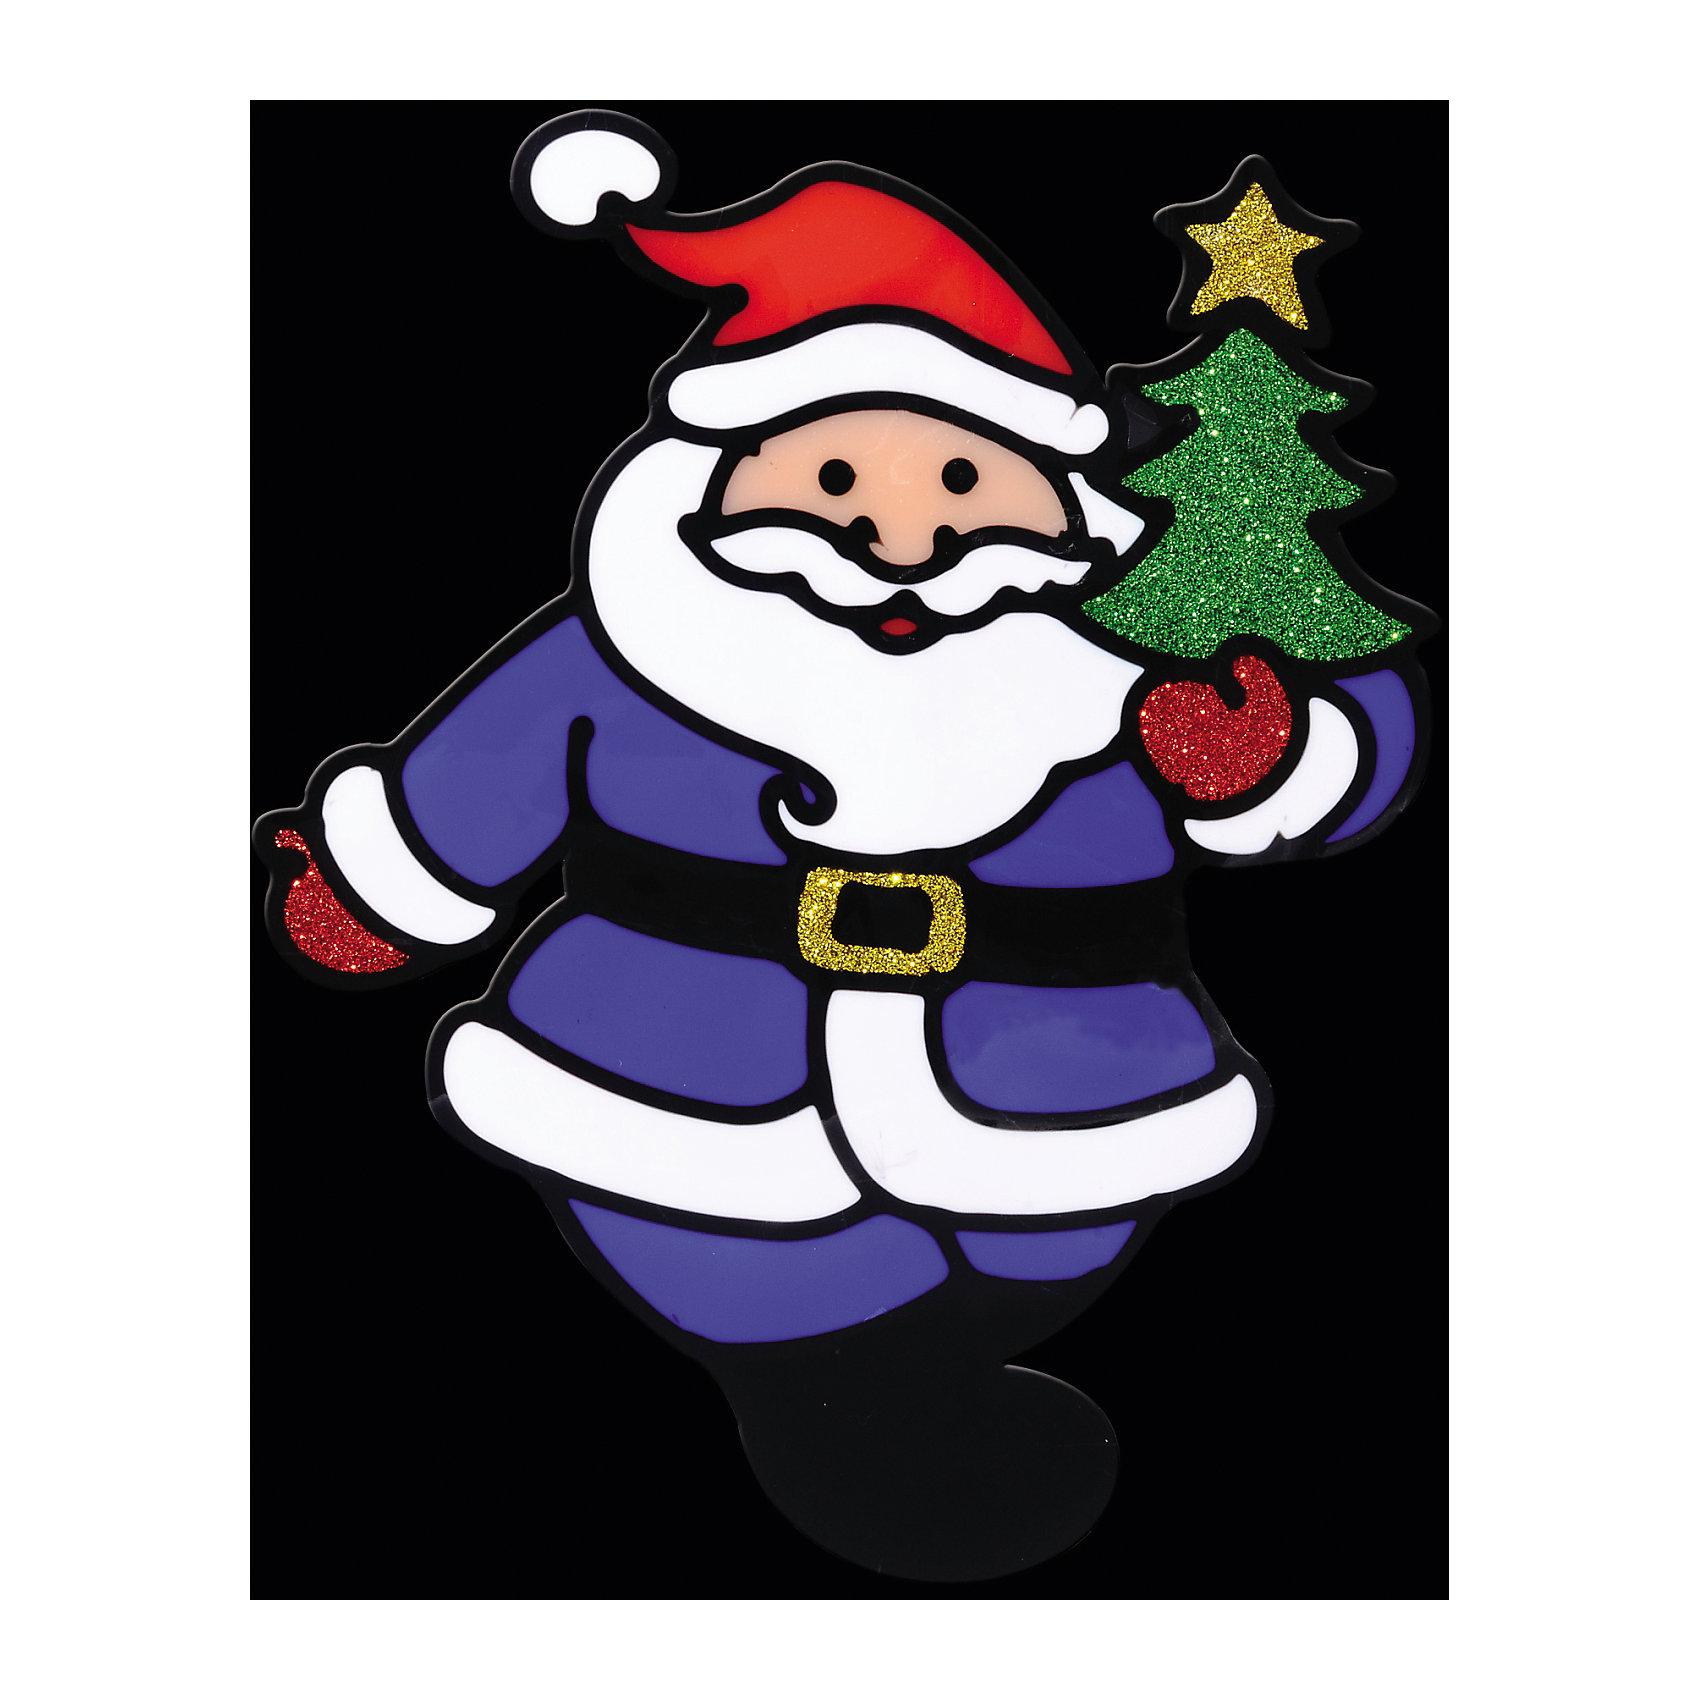 Наклейка на окно Весёлый Дед Мороз 13*16 смНаклейка на окно Весёлый Дед Мороз 13*16 см позволит Вам создать в своем доме атмосферу тепла, веселья и радости, украшая его всей семьей! Сувенир выполнен в форме Деда Мороза, который является главным символом Рождества и Нового Года и должен быть в каждом доме! Елочка в руках у Деда Мороза и его рукавички декорированы нарядными блестками.<br><br>Дополнительная информация:<br>-Материалы: силикон, блестки<br>-Размер в упаковке: 16х0,5х13 см<br>-Вес в упаковке: 26 г<br>-Размер: 13х16 см<br><br>Наклейка на окно Весёлый Дед Мороз 13*16 см можно купить в нашем магазине.<br><br>Ширина мм: 160<br>Глубина мм: 5<br>Высота мм: 130<br>Вес г: 26<br>Возраст от месяцев: 84<br>Возраст до месяцев: 2147483647<br>Пол: Унисекс<br>Возраст: Детский<br>SKU: 4286714